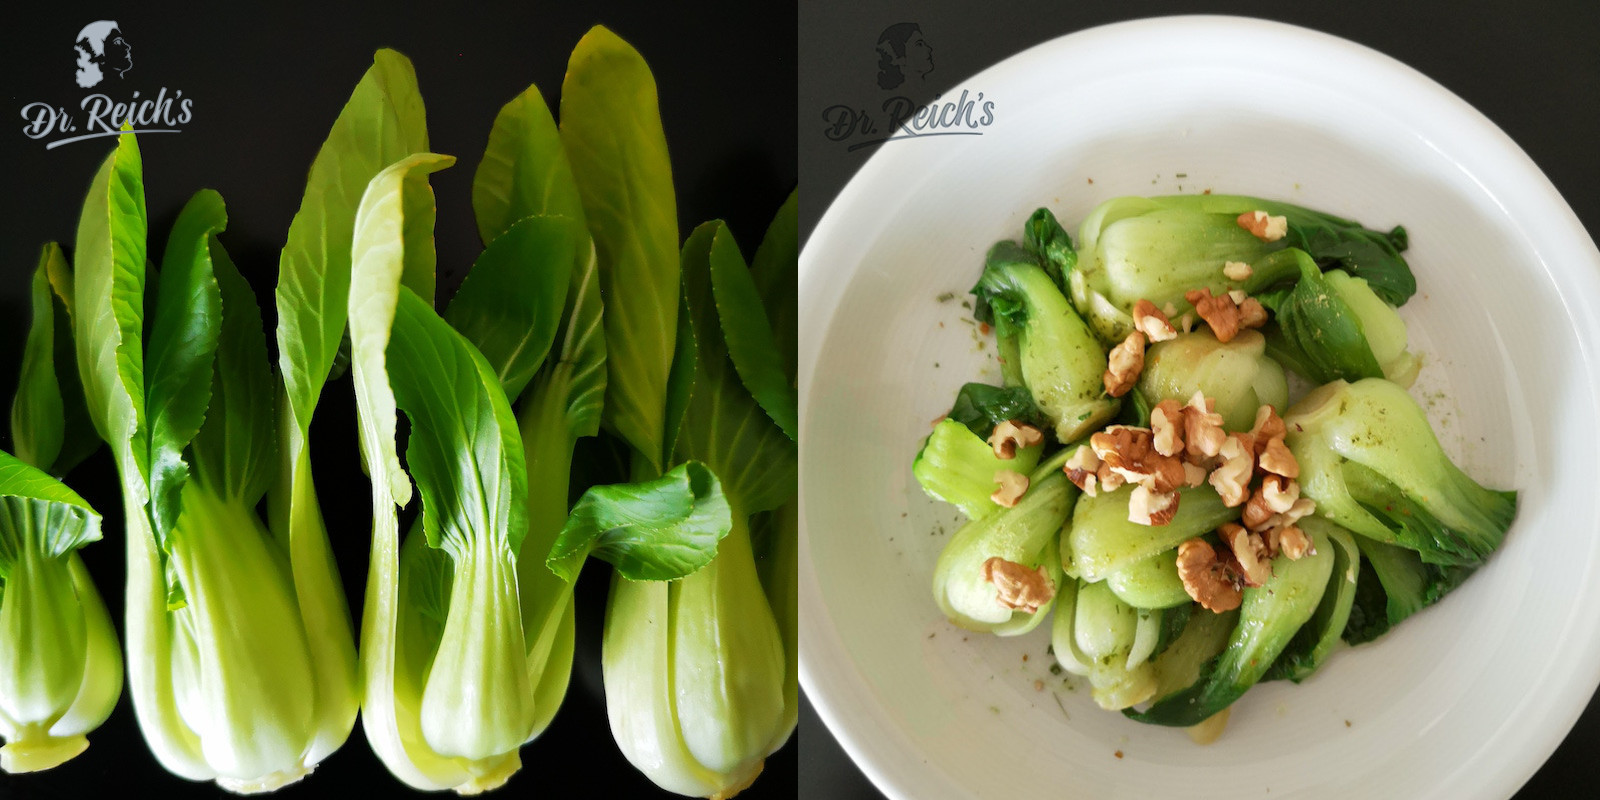 In Dr. Reich´s FODMAP Rezepte Blog finden sich jede Menge FODMAP Rezepte. Aber das hier geht so schnell, das ist im Nu fertig: Pak Choi blanchieren, mit Dr. Reich´s Würzbrühe würzen, ein paar Walnüssen dekorieren und mit Olivenöl beträufeln - fertig ist eine 3 Minuten HEALTHY FAST FODMAP Delikatesse.